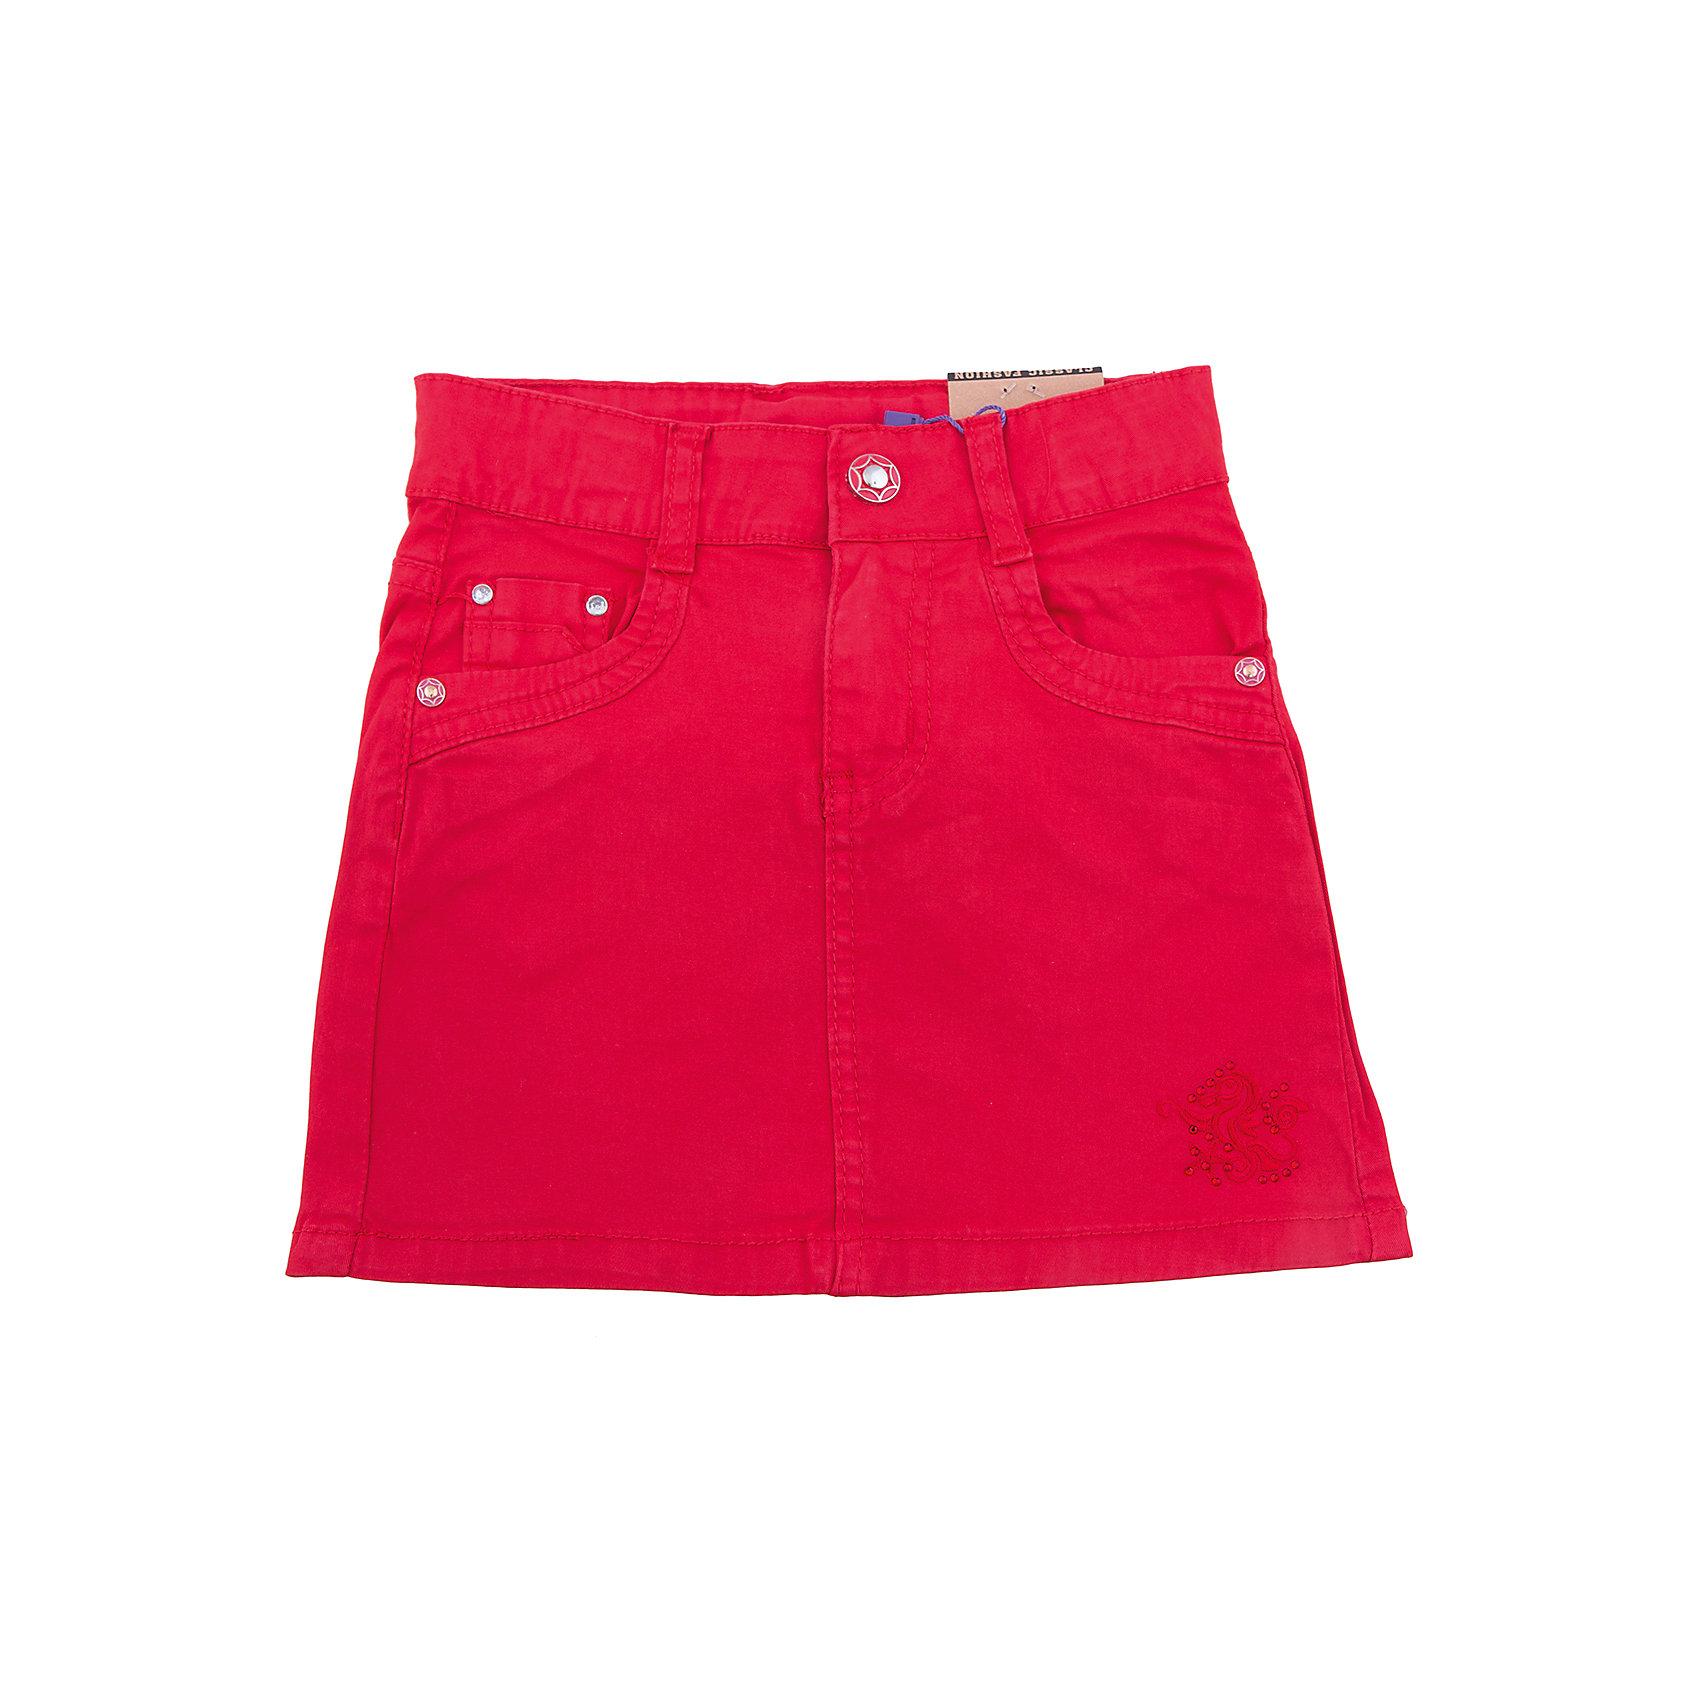 Юбка для девочки Sweet BerryЮбки<br>Яркая трикотажная юбка для девочки. Низ изделия декорирован вышивкой и стразами. Пояс с регулировкой внутренней резинкой.<br>Состав:<br>98%хлопок 2%эластан<br><br>Ширина мм: 207<br>Глубина мм: 10<br>Высота мм: 189<br>Вес г: 183<br>Цвет: розовый<br>Возраст от месяцев: 72<br>Возраст до месяцев: 84<br>Пол: Женский<br>Возраст: Детский<br>Размер: 122,128,98,110,104,116<br>SKU: 5411969